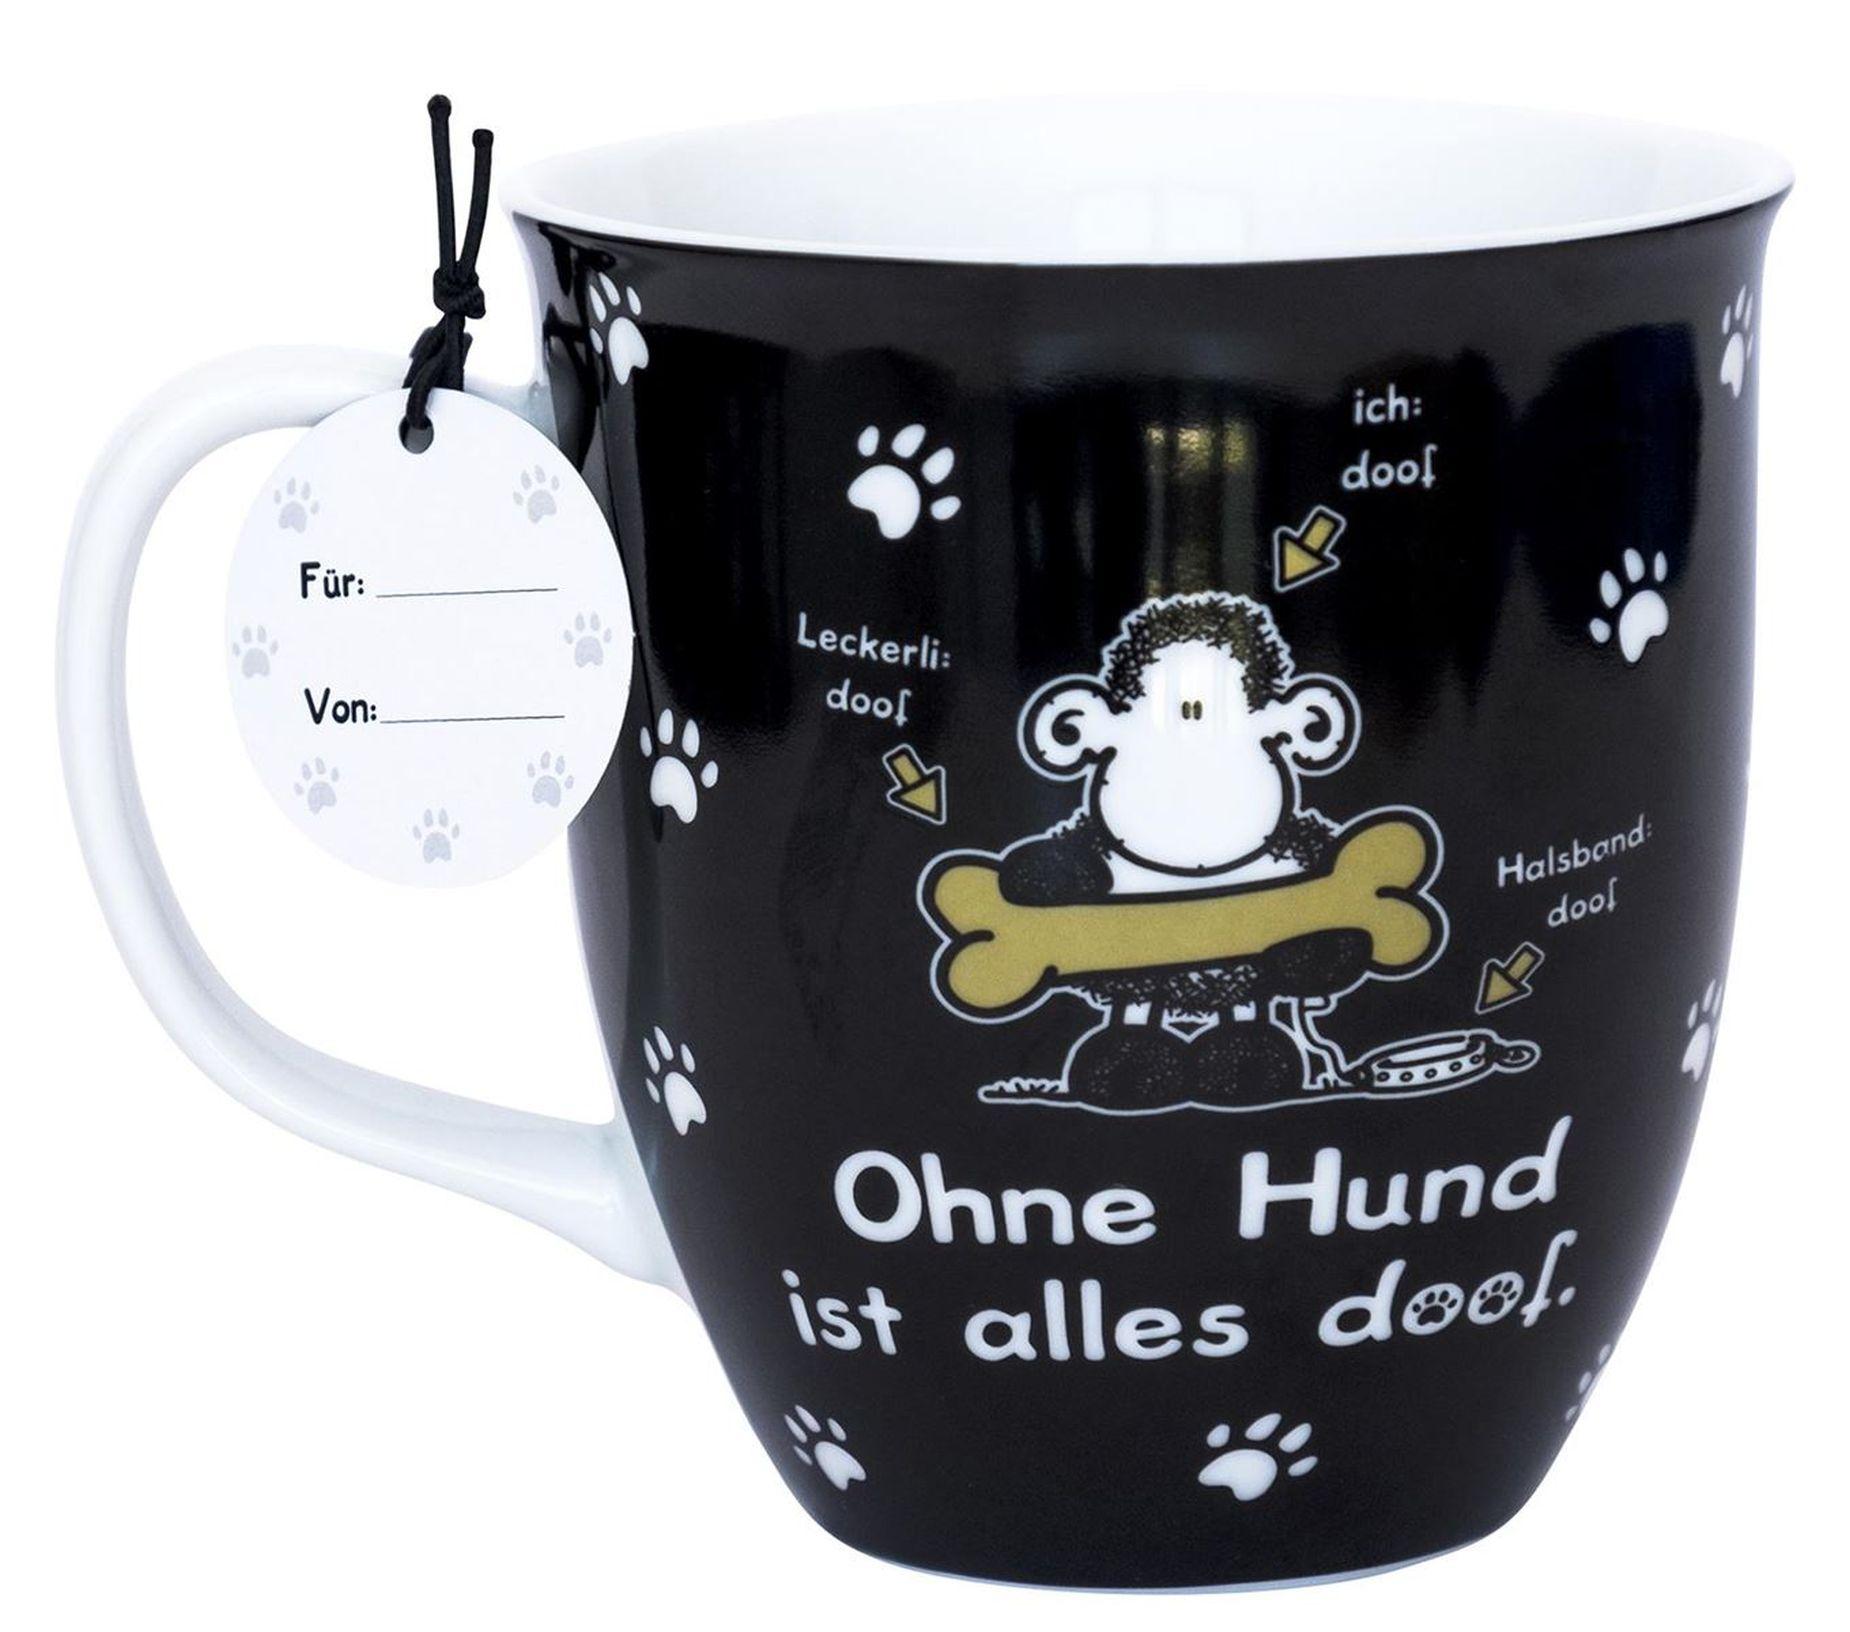 """Kaffee Sheepworld Geschenk Tasse Bus Bulli Urlaub /""""Einfach machen/"""" 46419 Büro"""